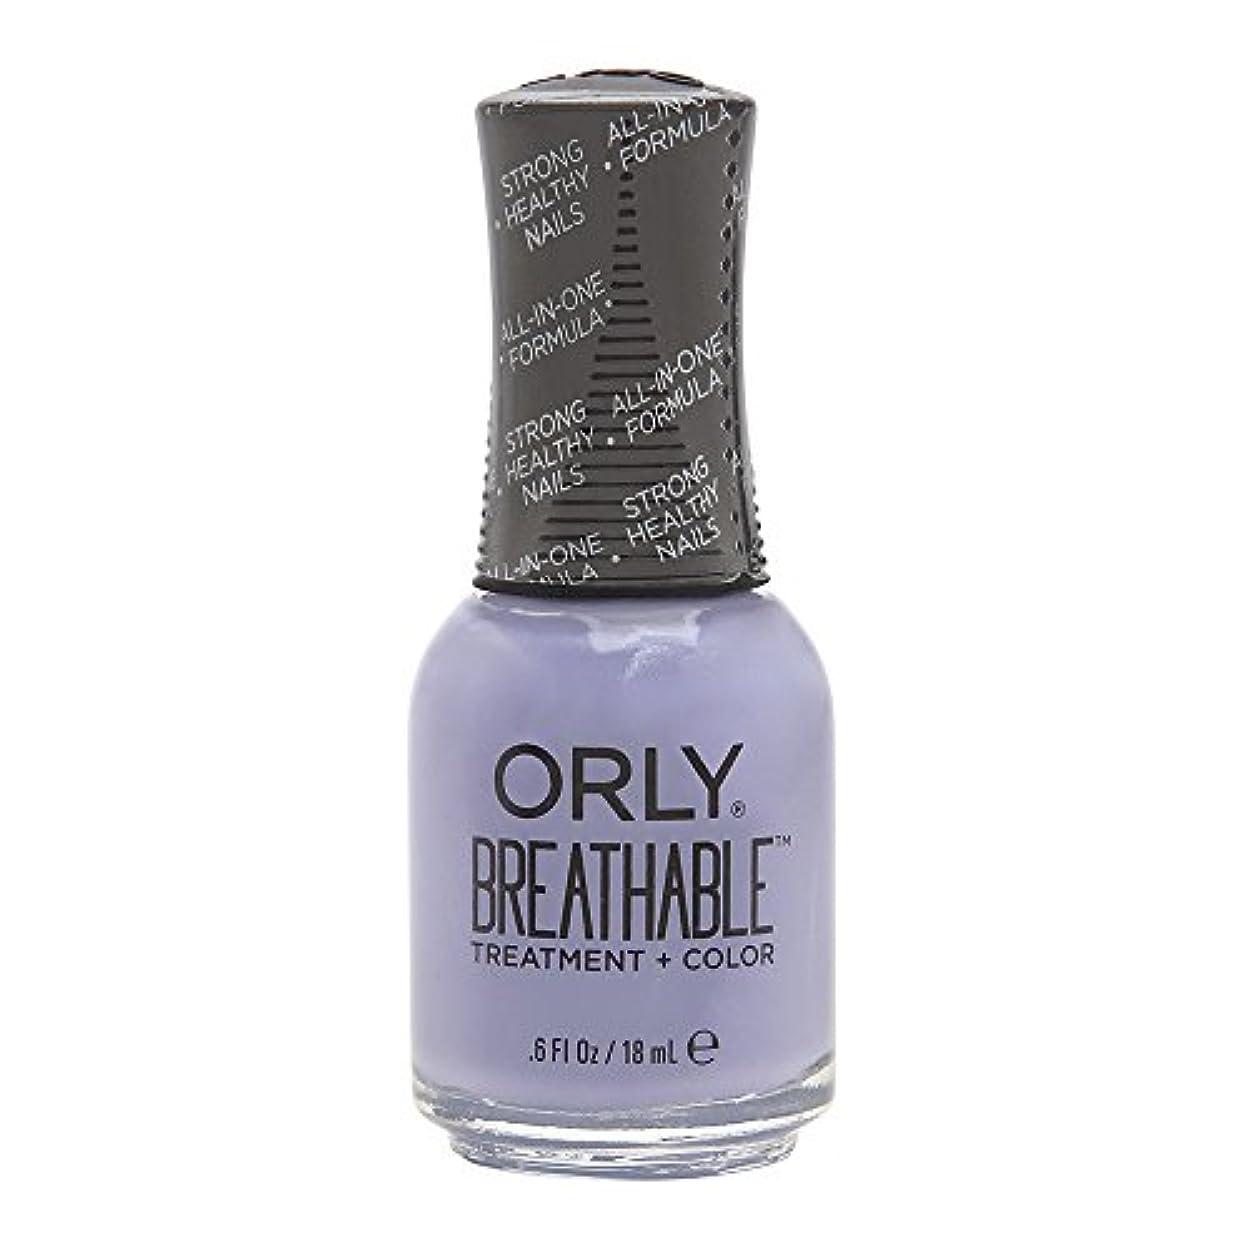 バーガー宣伝類人猿Orly Breathable Treatment + Color Nail Lacquer - Just Breathe - 0.6oz/18ml